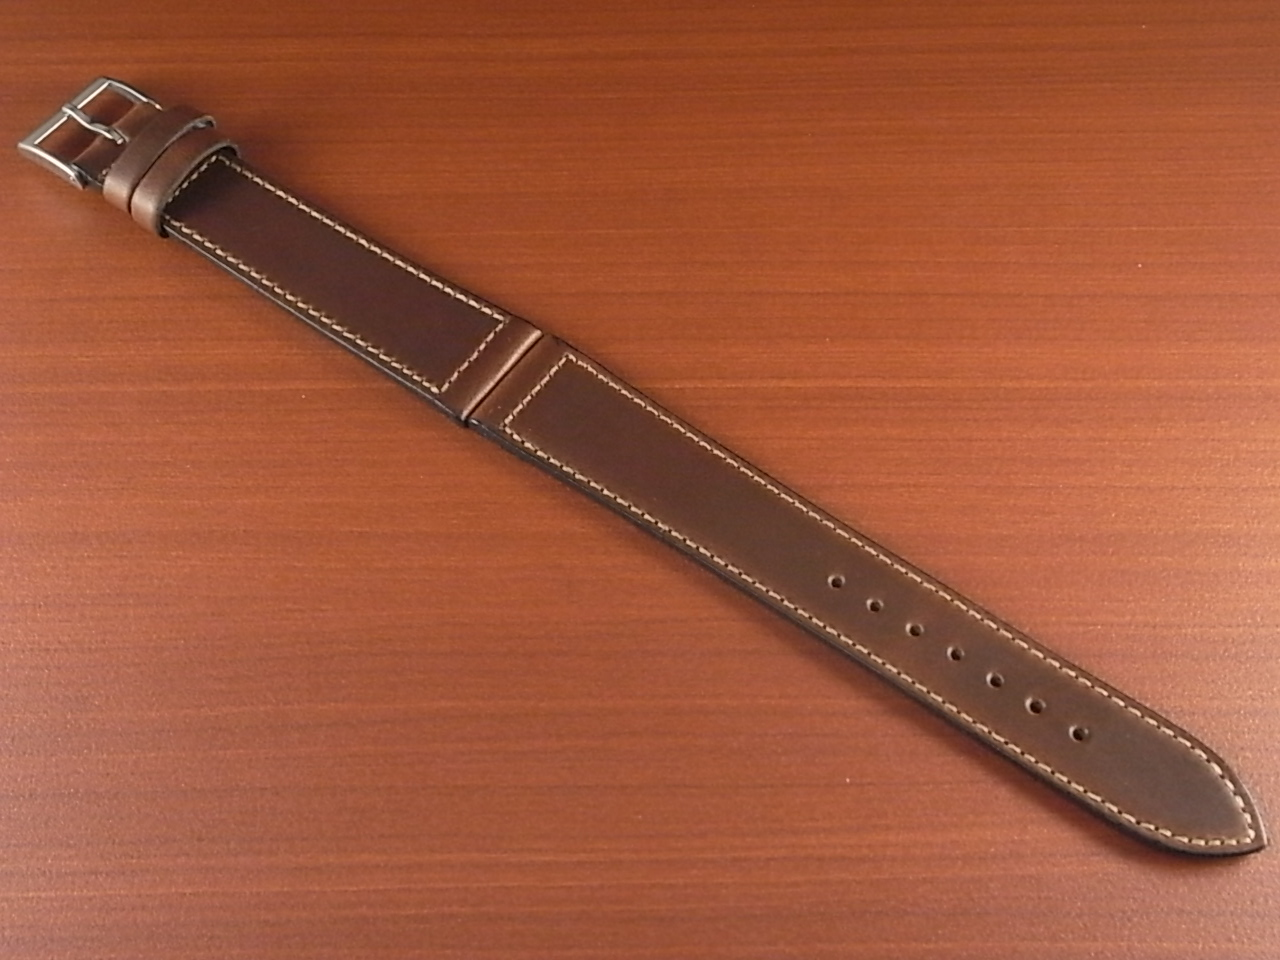 ホーウィン クロムエクセル レギュラー ティンバー 16、17、18、19、20mmのメイン写真